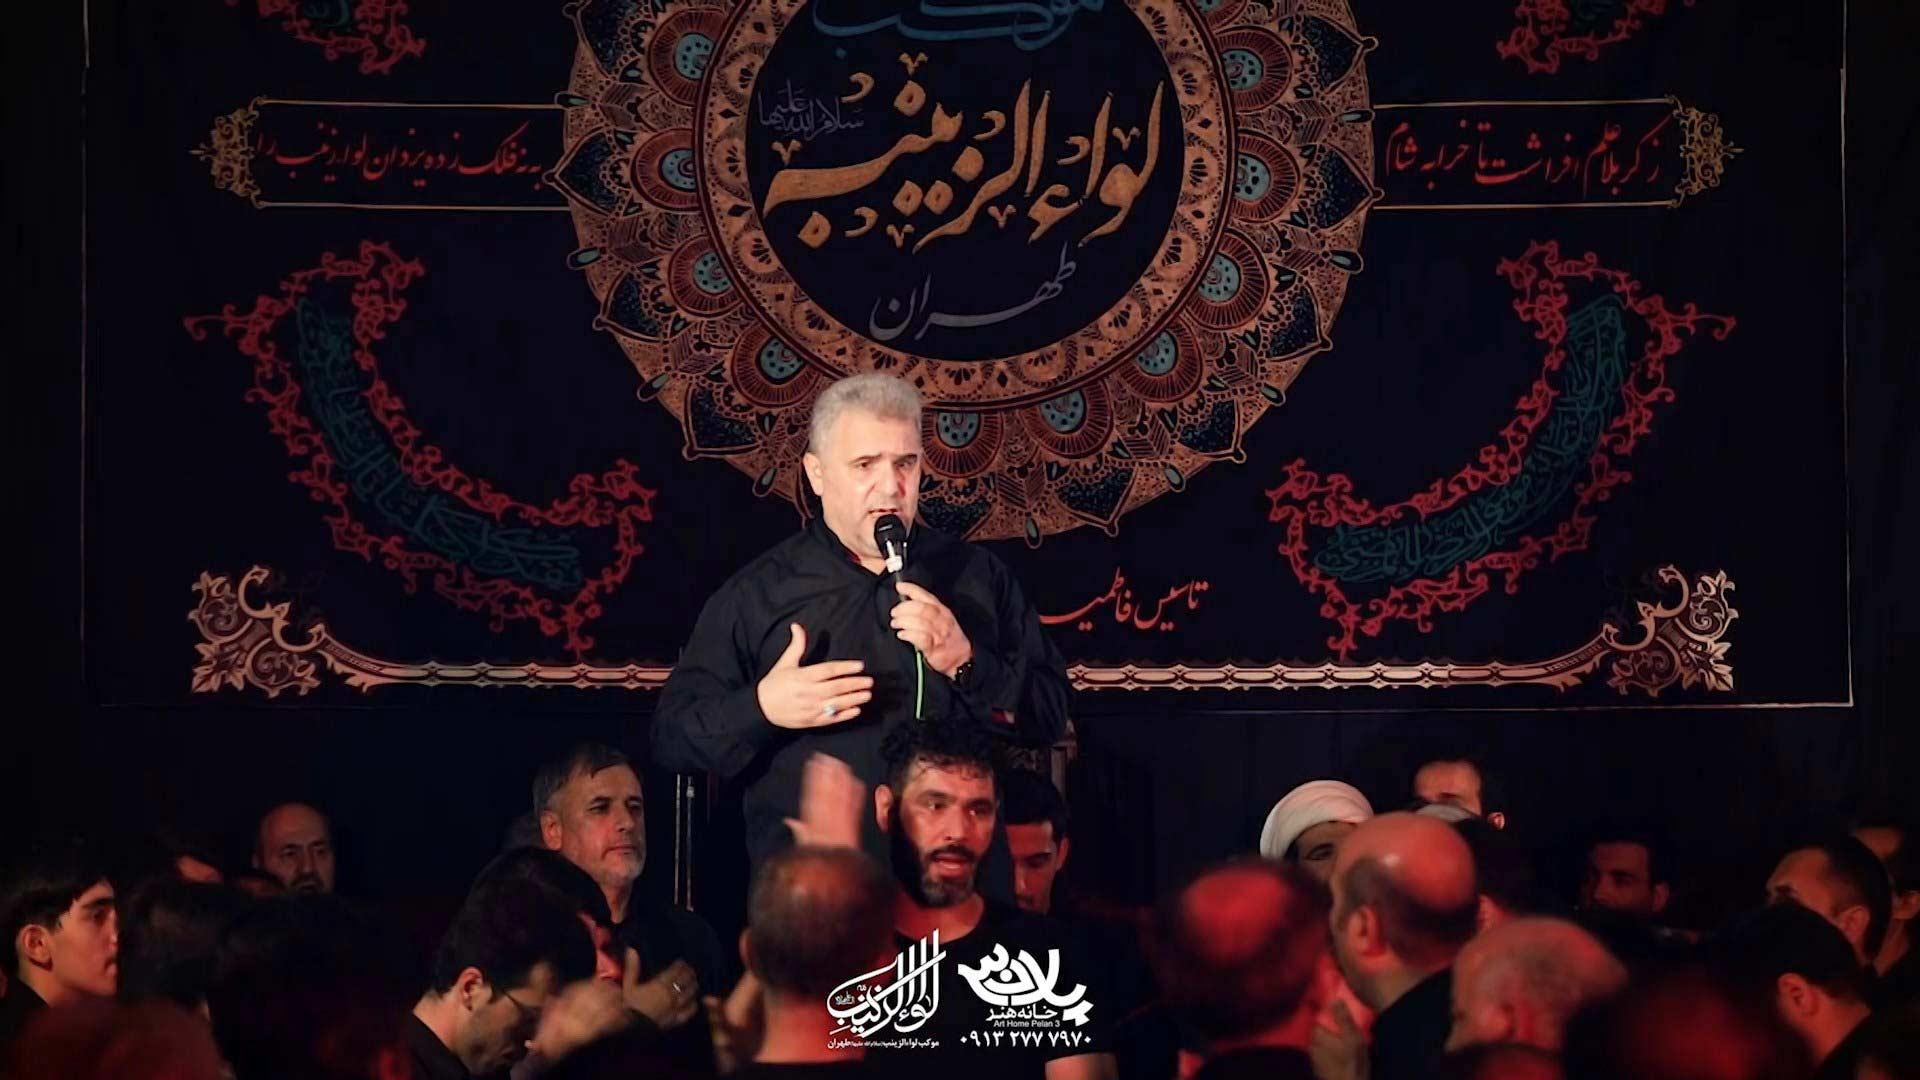 سقای شهید کربلایی ابراهیم رهبر